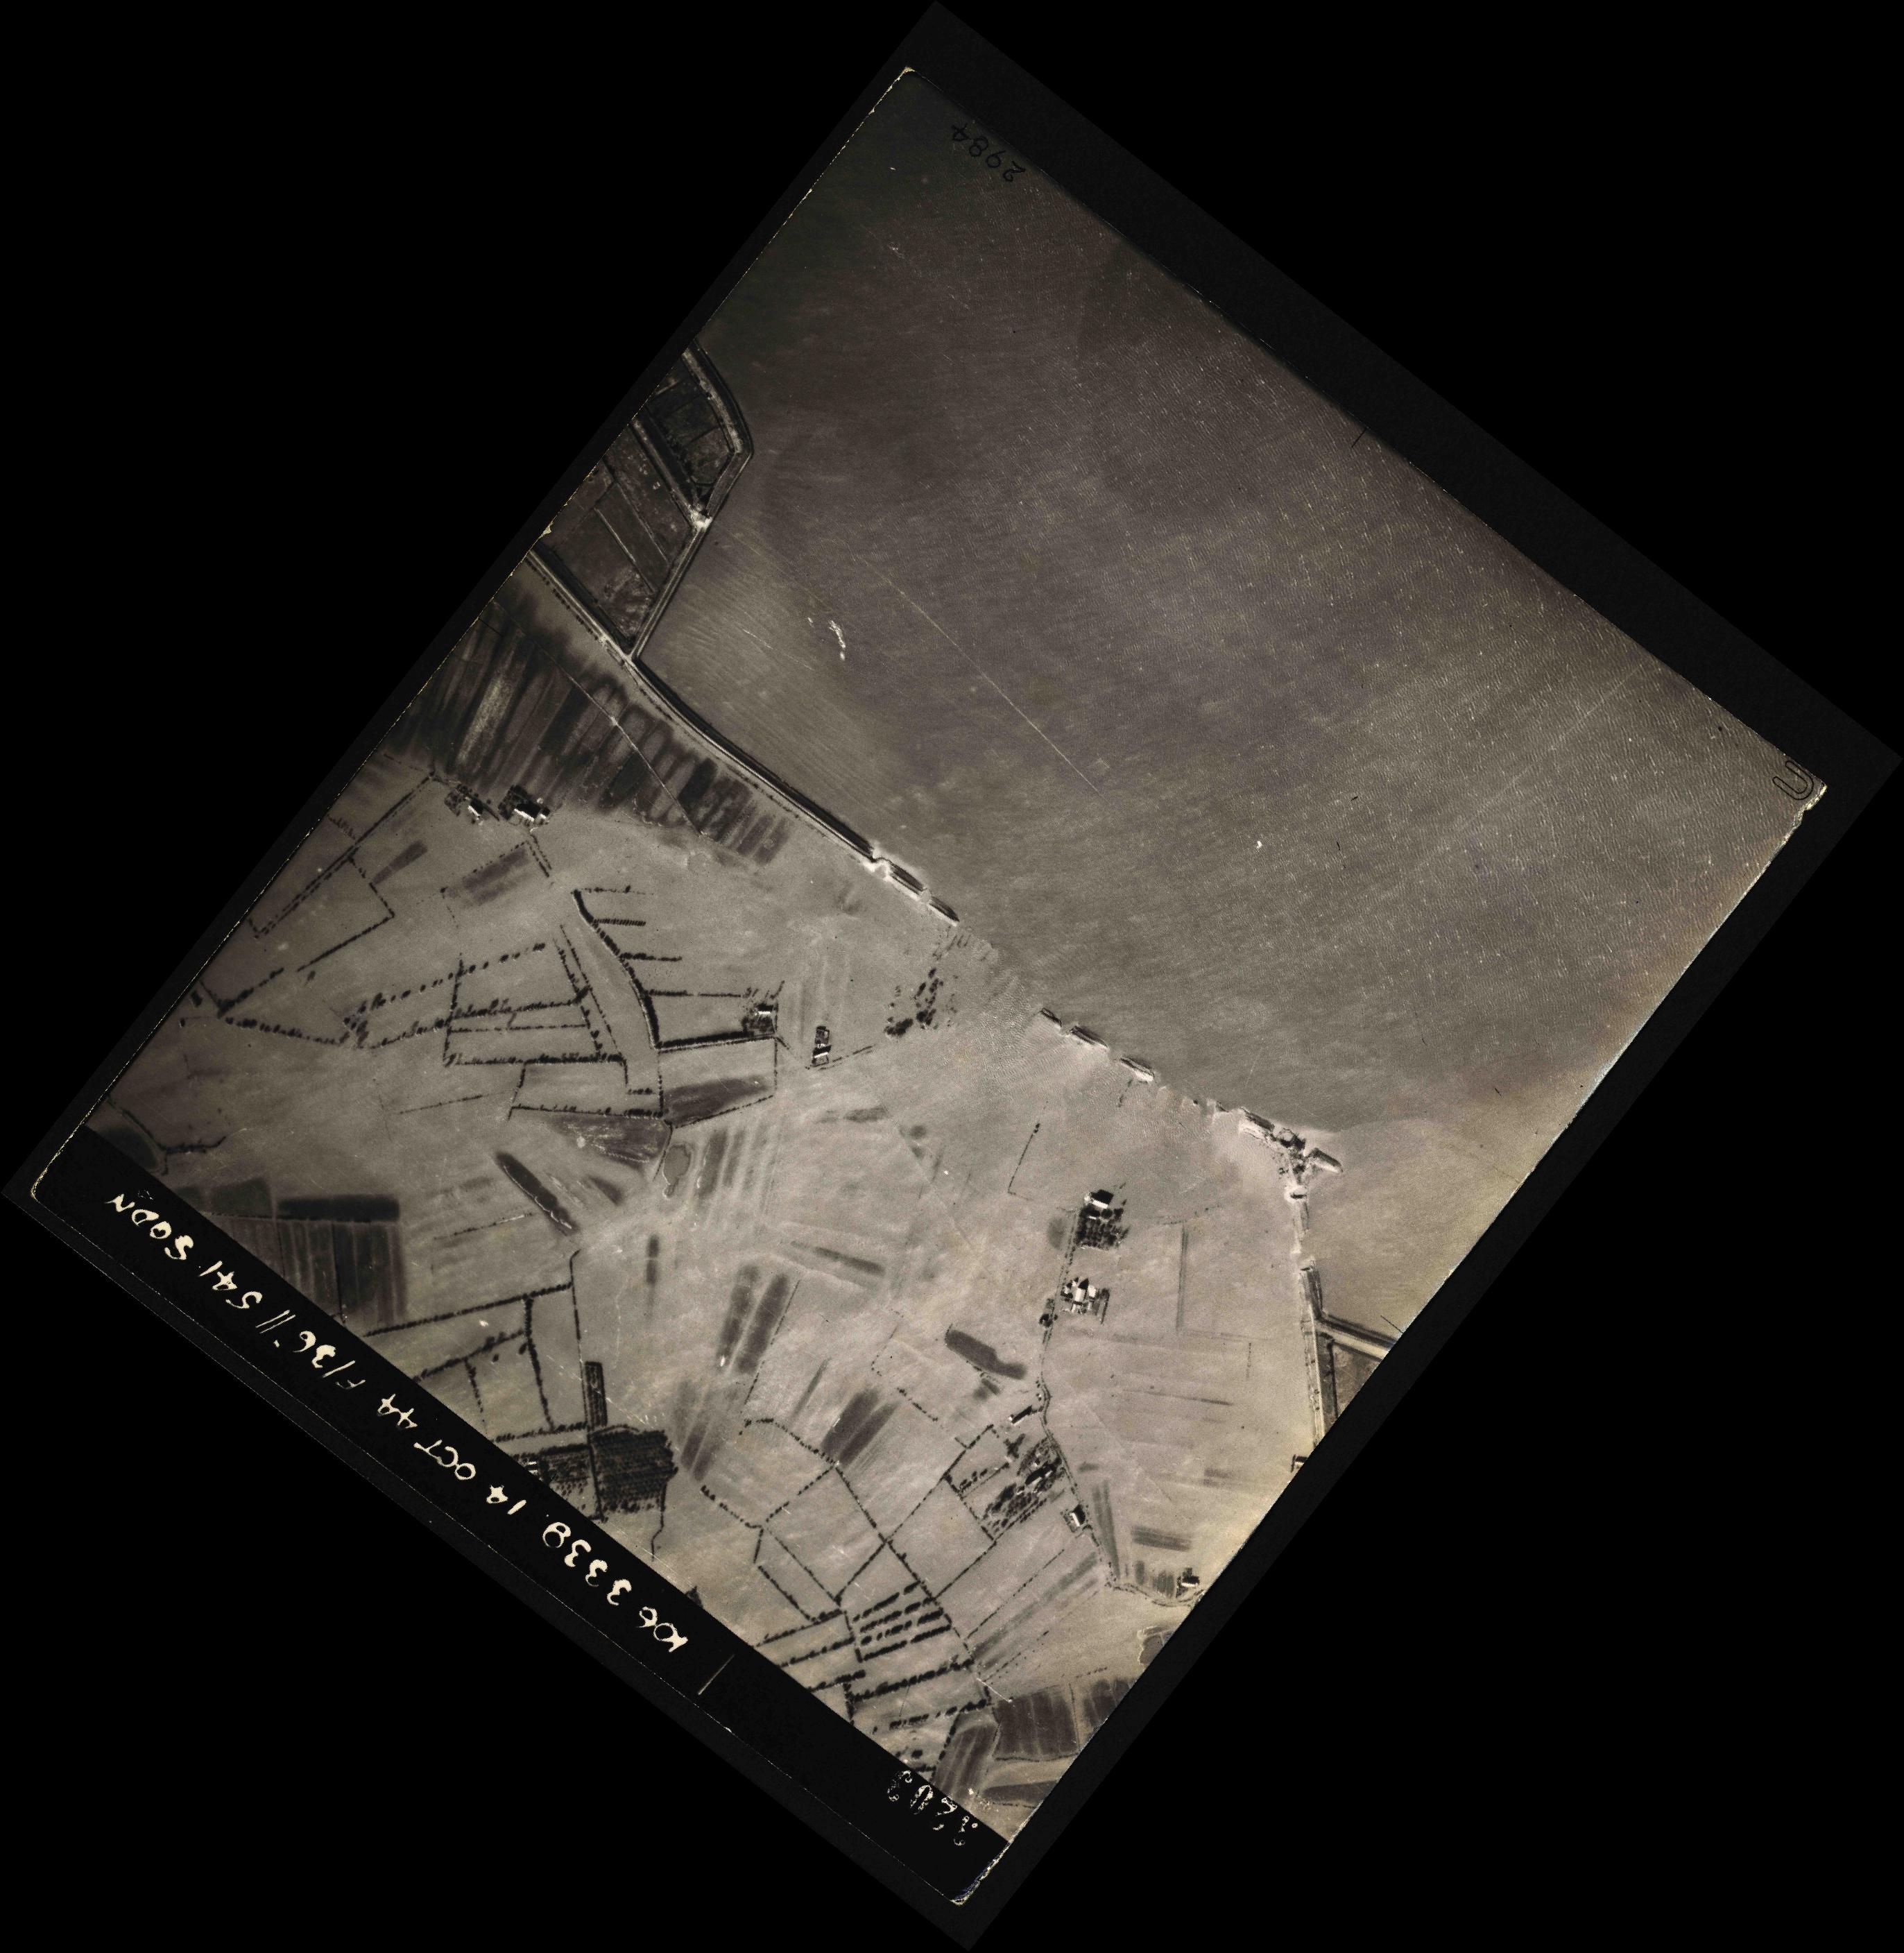 Collection RAF aerial photos 1940-1945 - flight 042, run 01, photo 3203